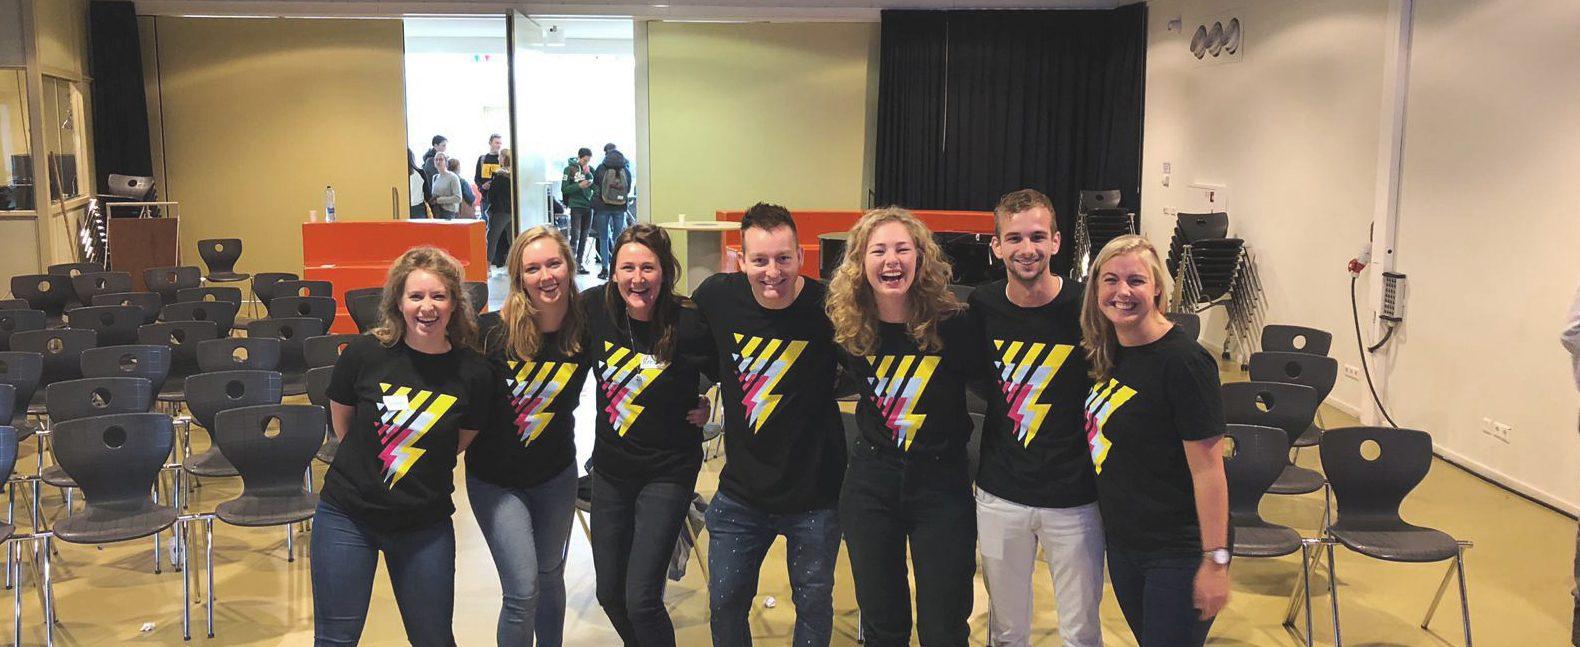 IMPACT TALK: in gesprek met de mensen achter Young Impact